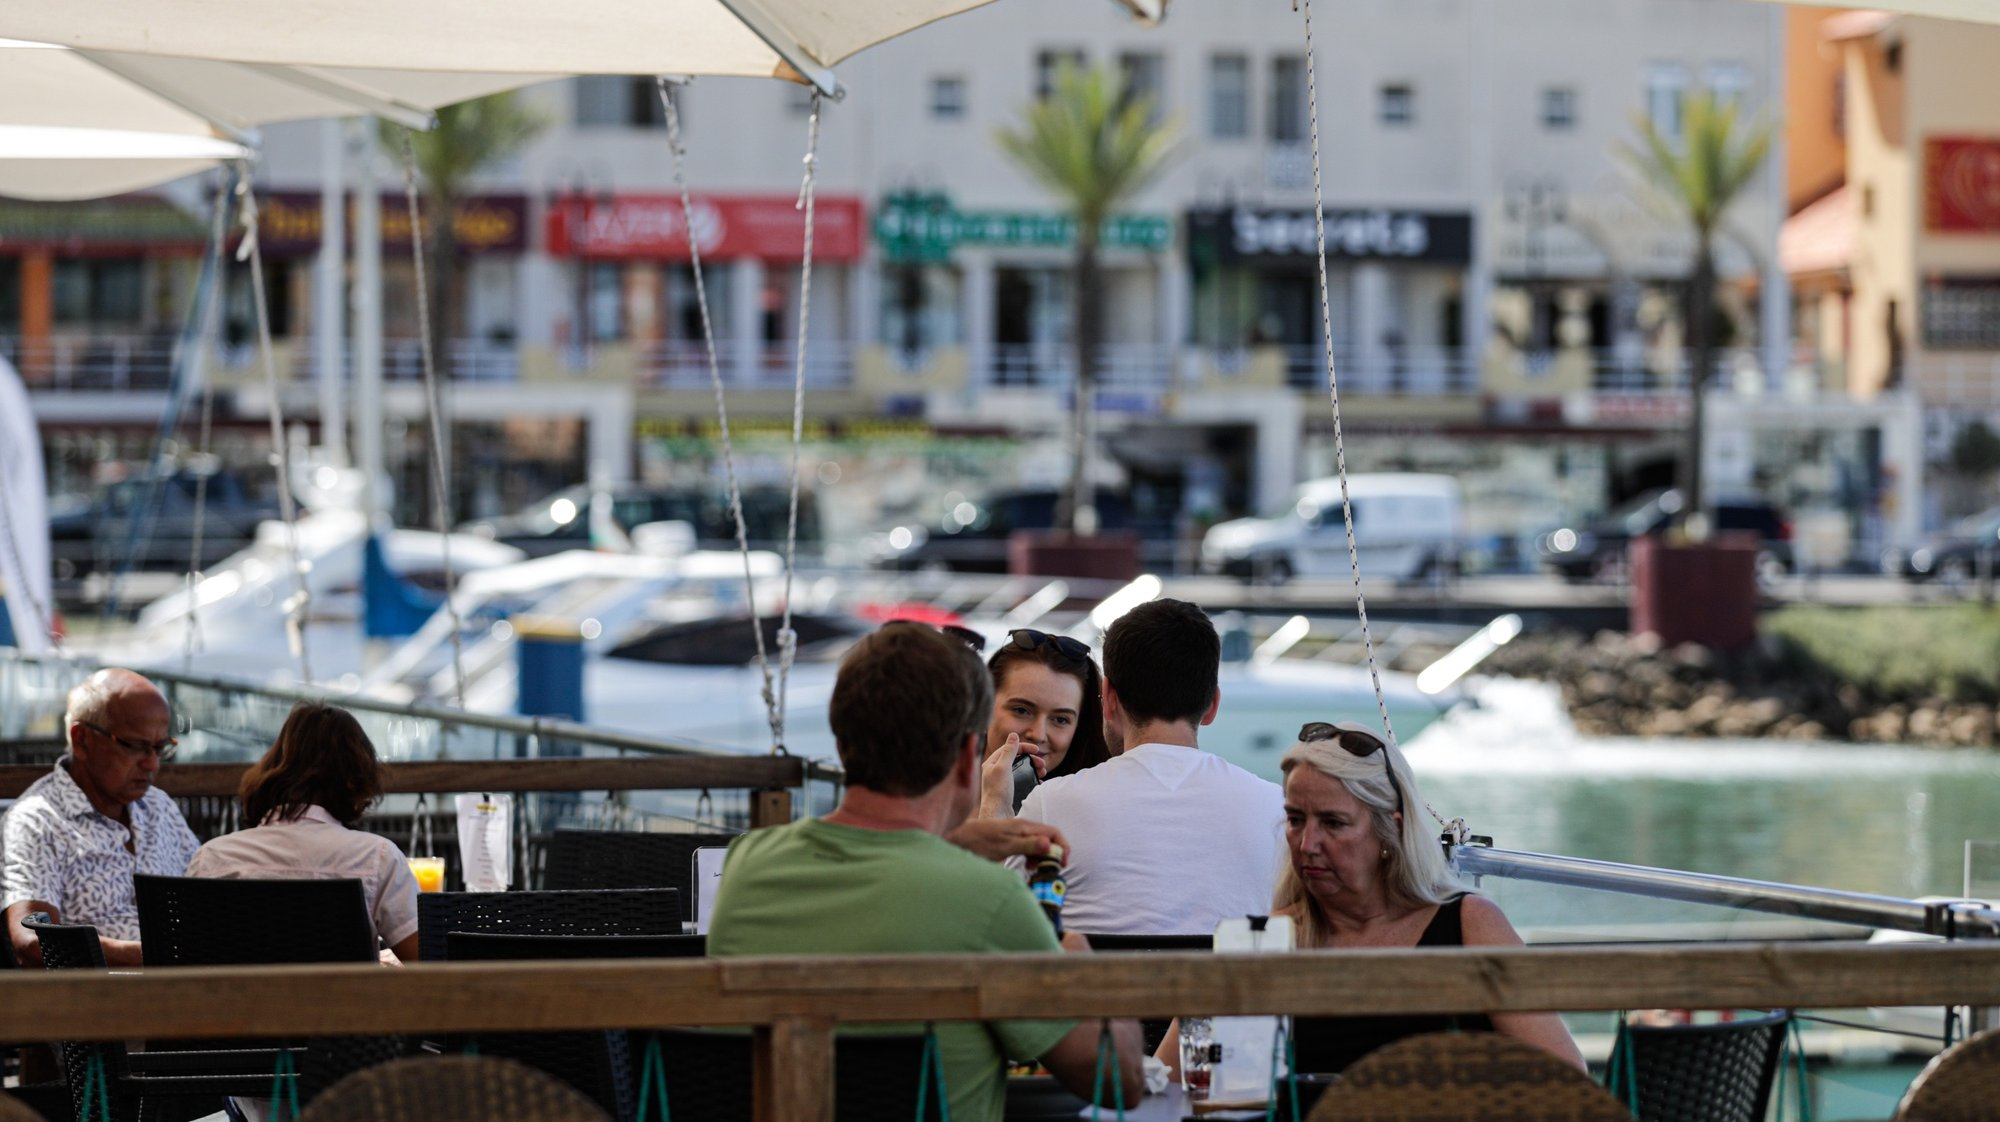 Turistas almoçam na marina de Vilamoura, 19 de maio de 2021. Dando início aos planos de retomada do turismo, Portugal passou a permitir na segunda - feira, 17 de maio, viagens não essenciais do Reino Unido e de países da União Europeia, o que fez com que muitos turistas se deslocassem de férias para o Algarve.   (ACOMPANHA TEXTO) LUÍS FORRA/LUSA